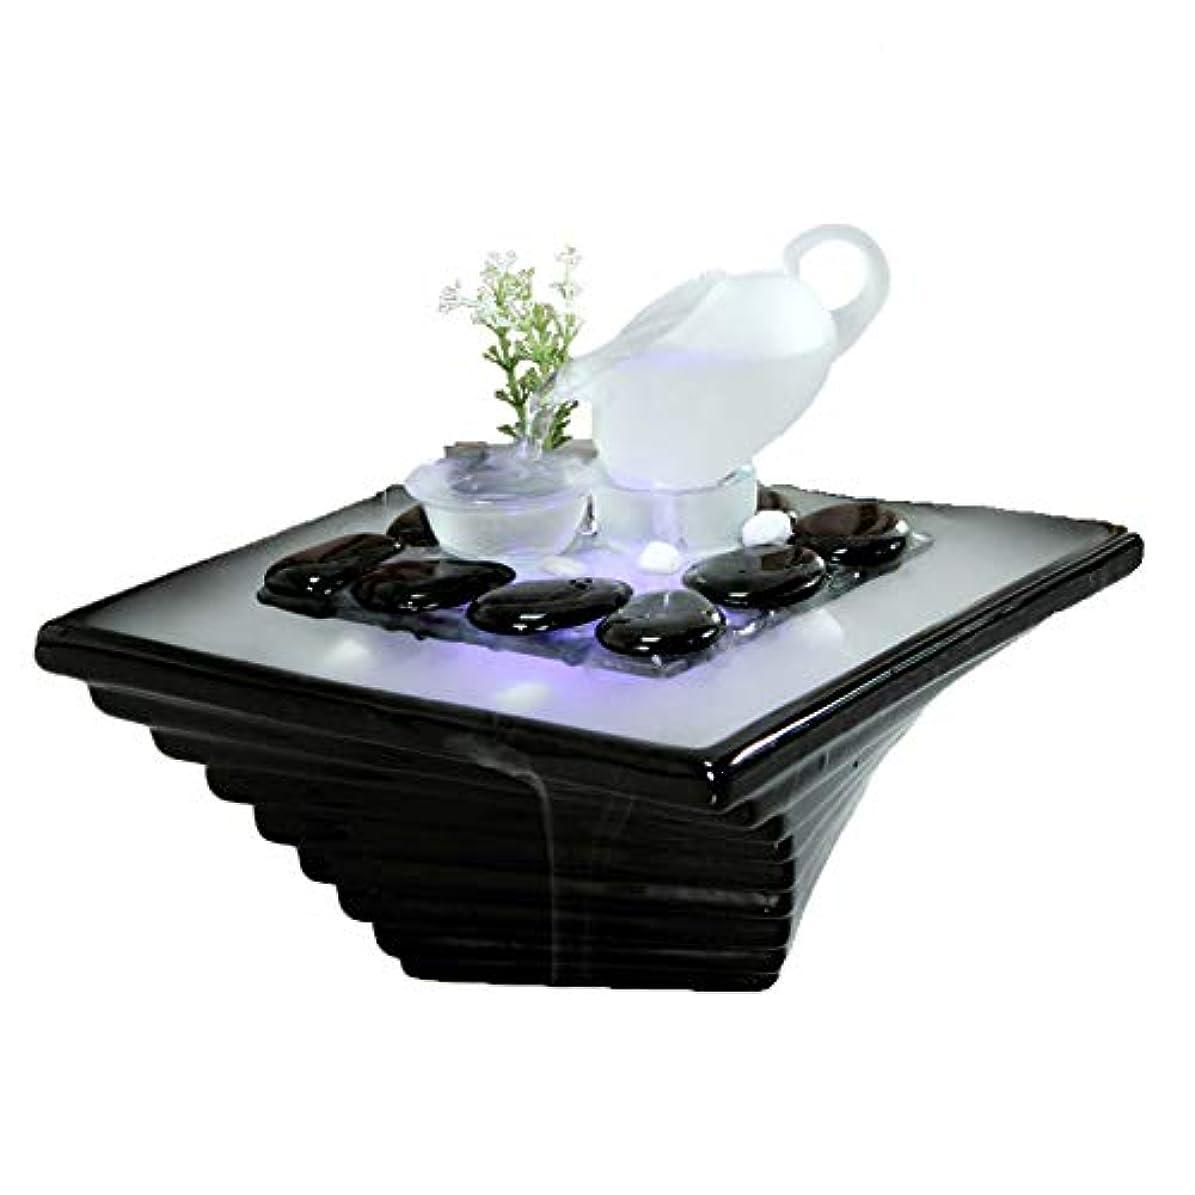 毎年虚弱お母さんエッセンシャルオイルディフューザー空気加湿器セラミッククラフトクリエイティブホームデスクトップ装飾アロマセラピー絶妙なギフト,Black